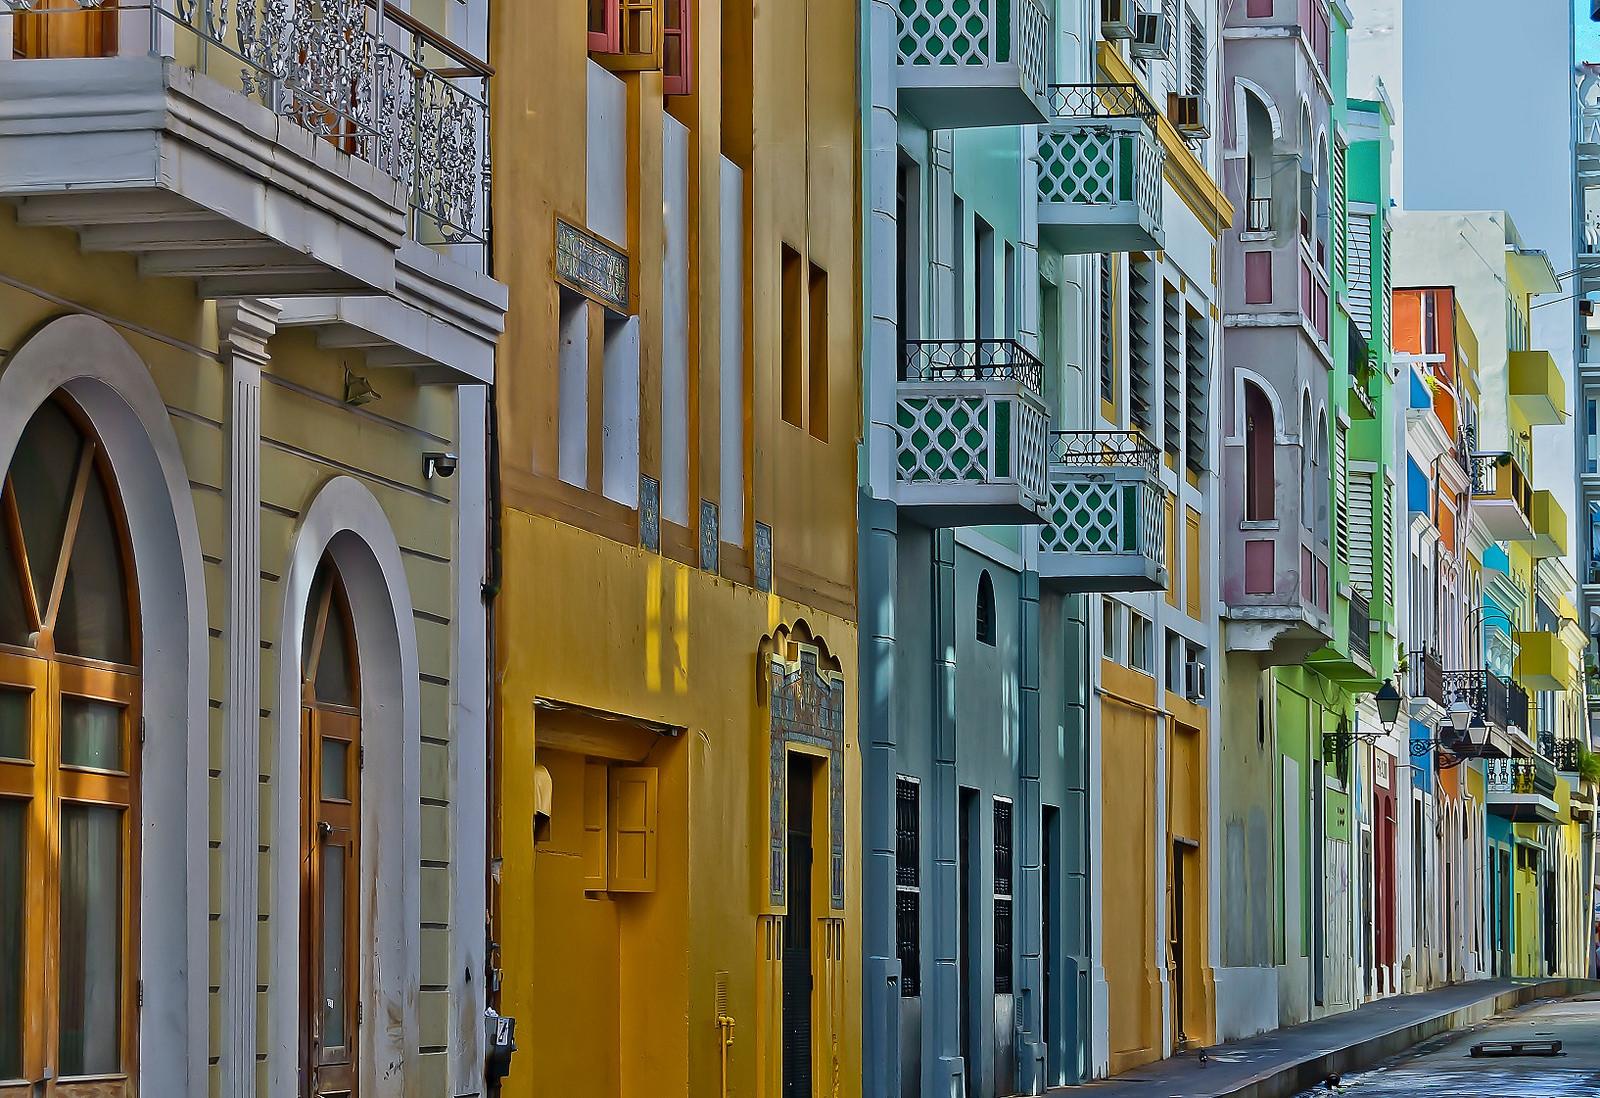 Old San Juan, Puerto Rico | © Sam valadi/Flickr